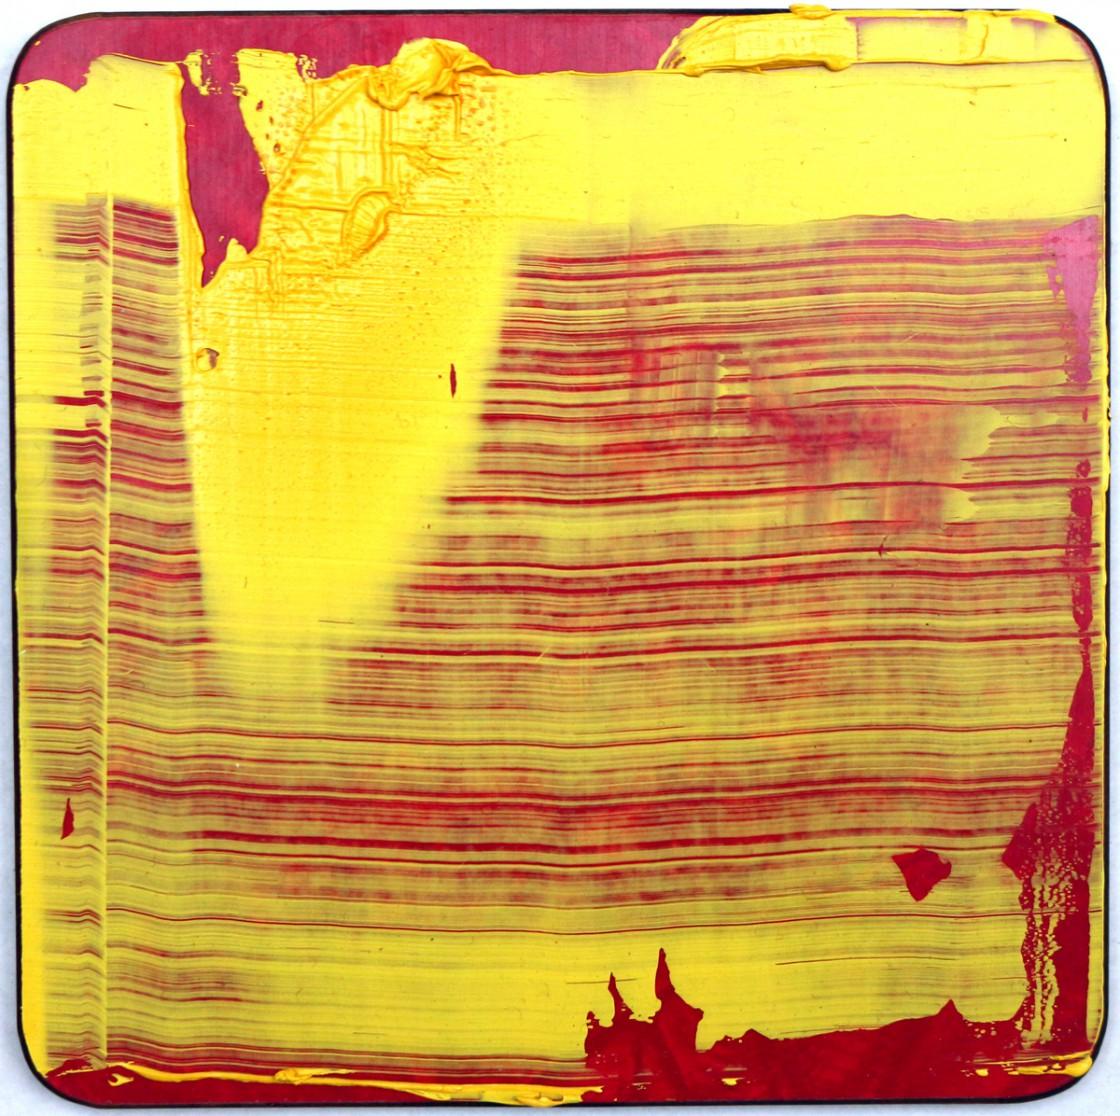 #1 | Olie på smørebrædt | 13x13 cm | 2011